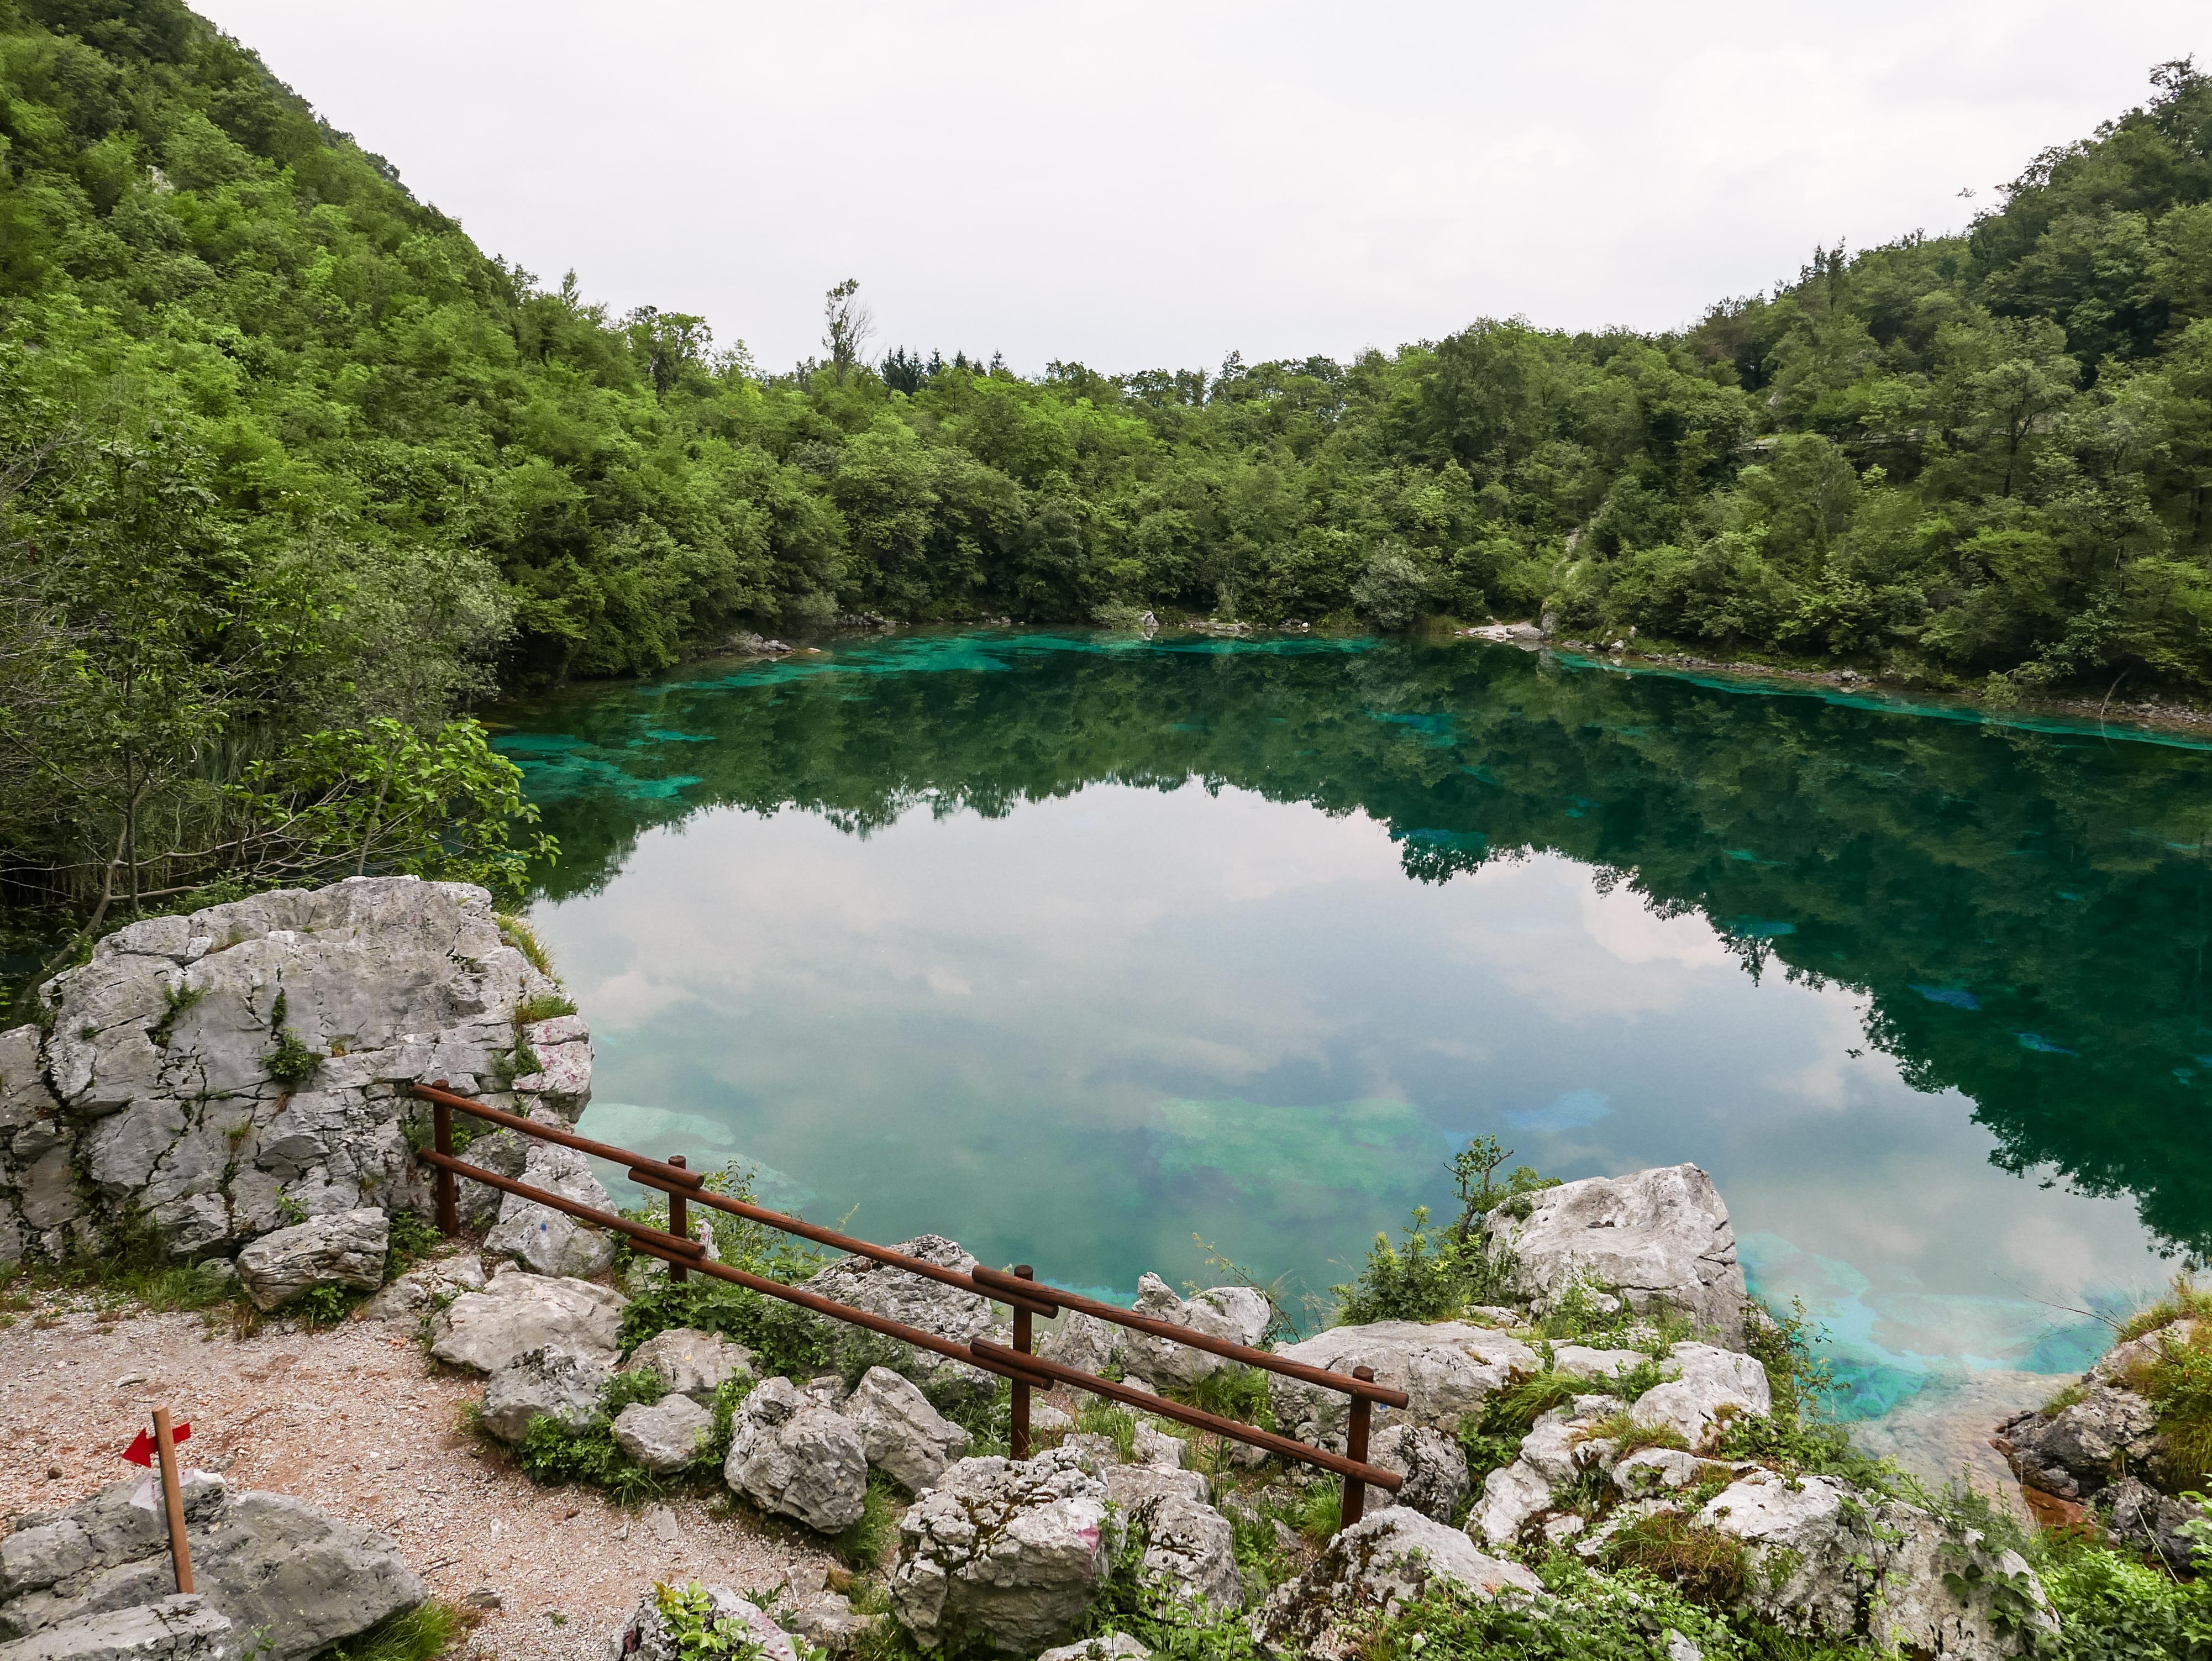 Lago_di Cornino_F_Gallina 2015-1050799